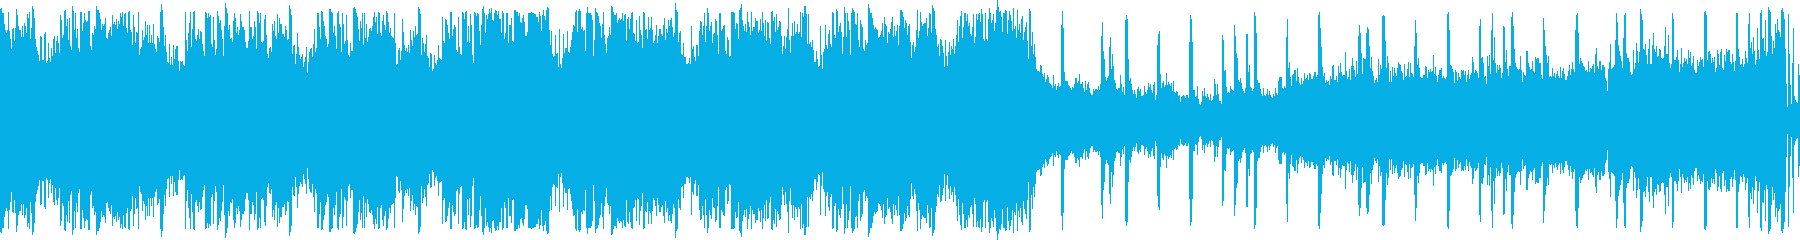 【ループ】迫力クラップ&ストンプ&ギターの再生済みの波形